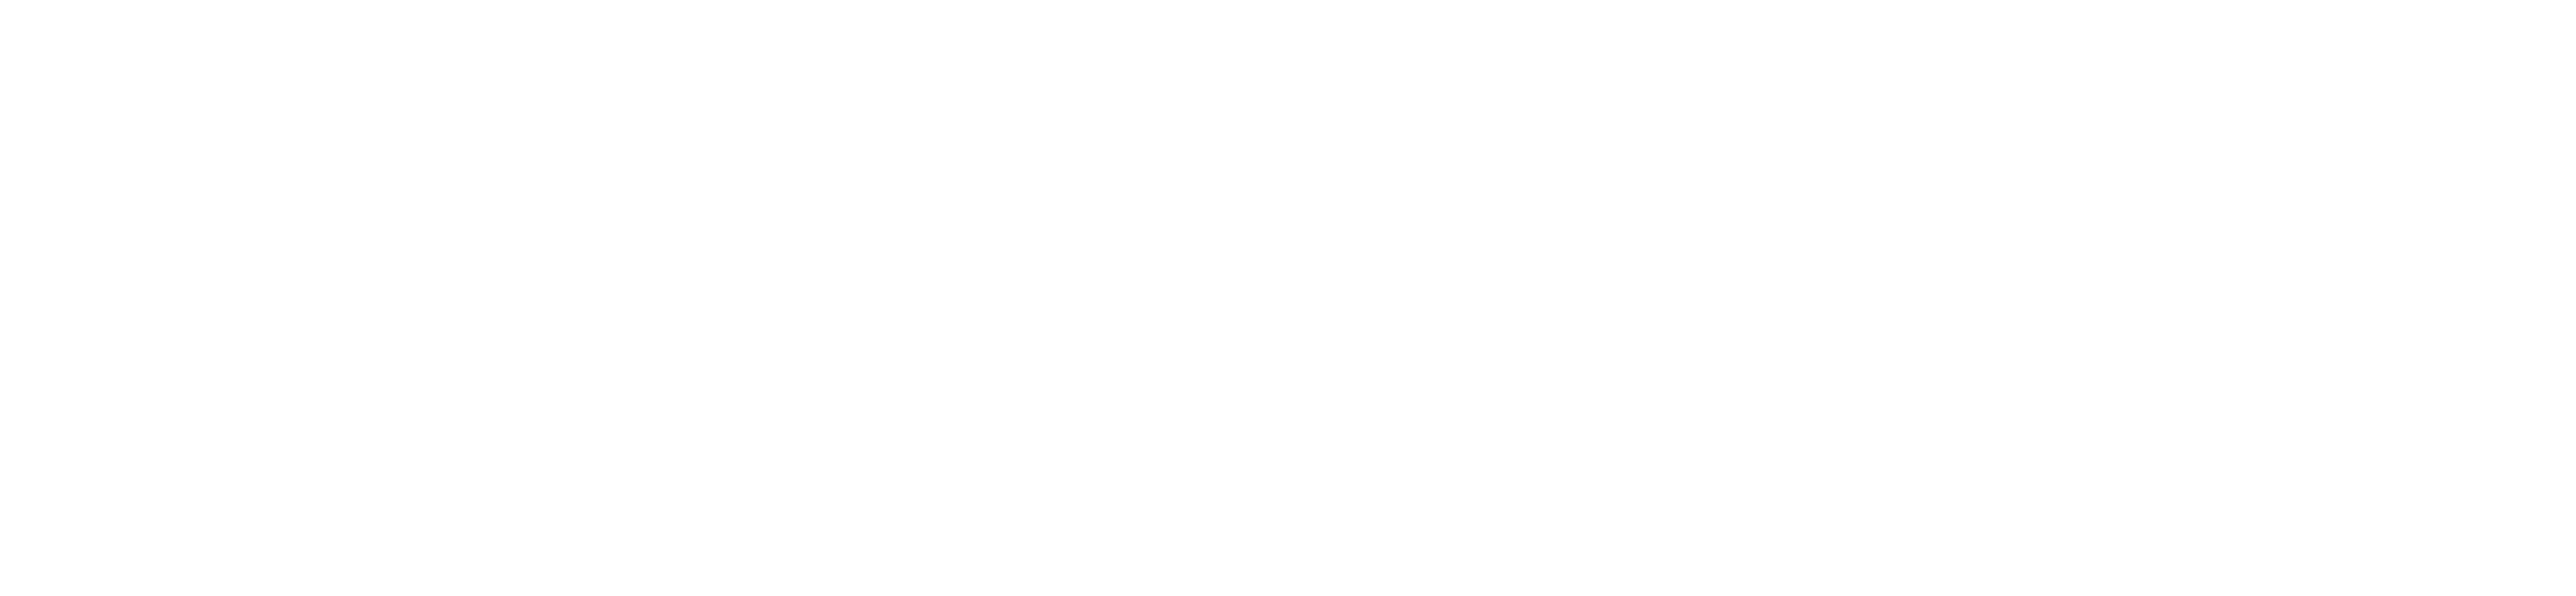 Nachhaltige Entwicklung der h_da